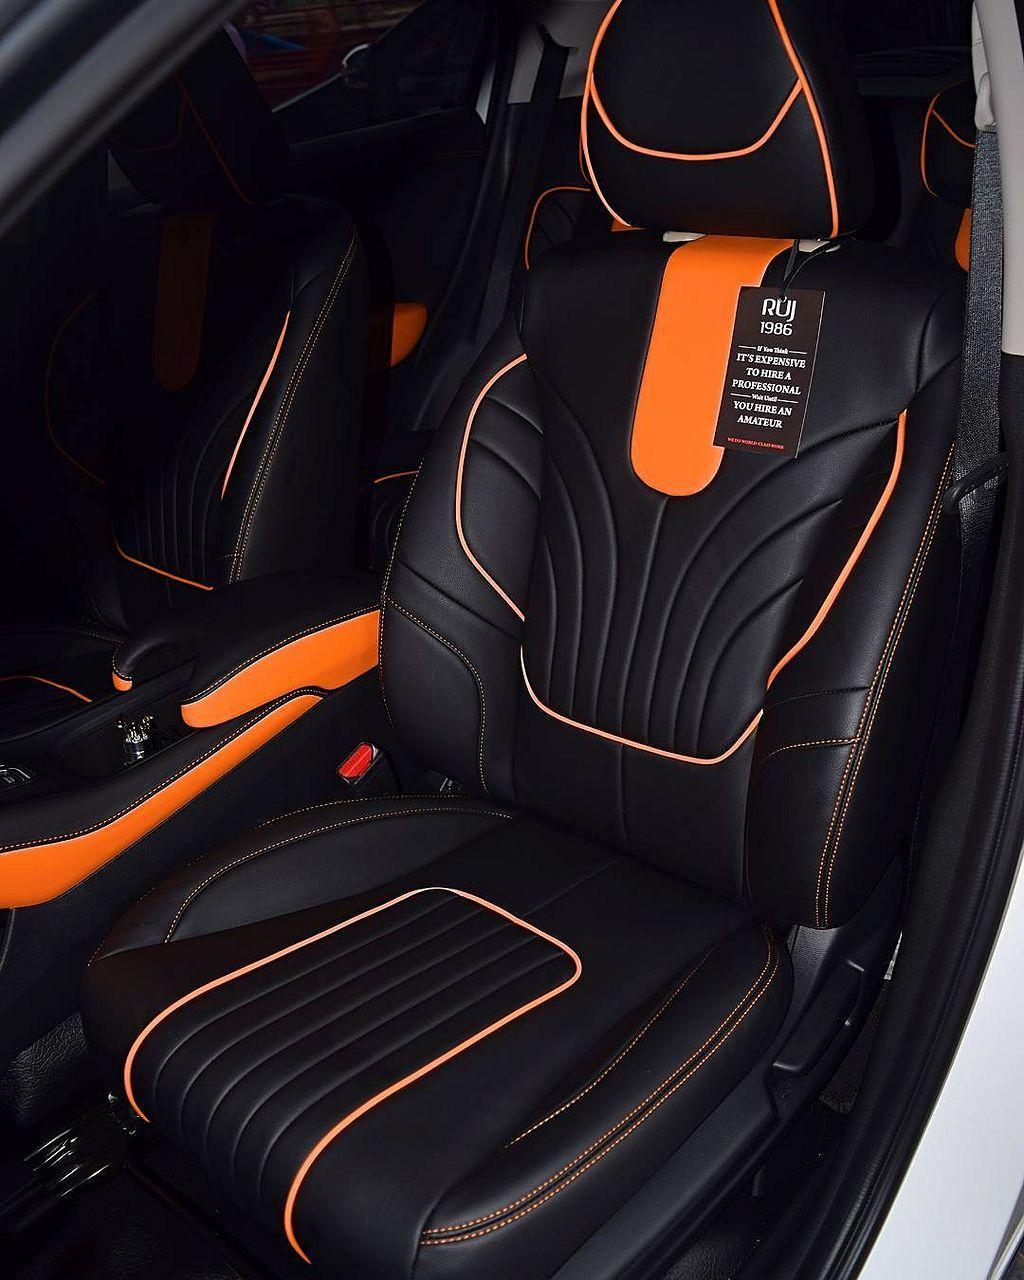 Car Interior Ideas For You Acessorios Para Carros Banco De